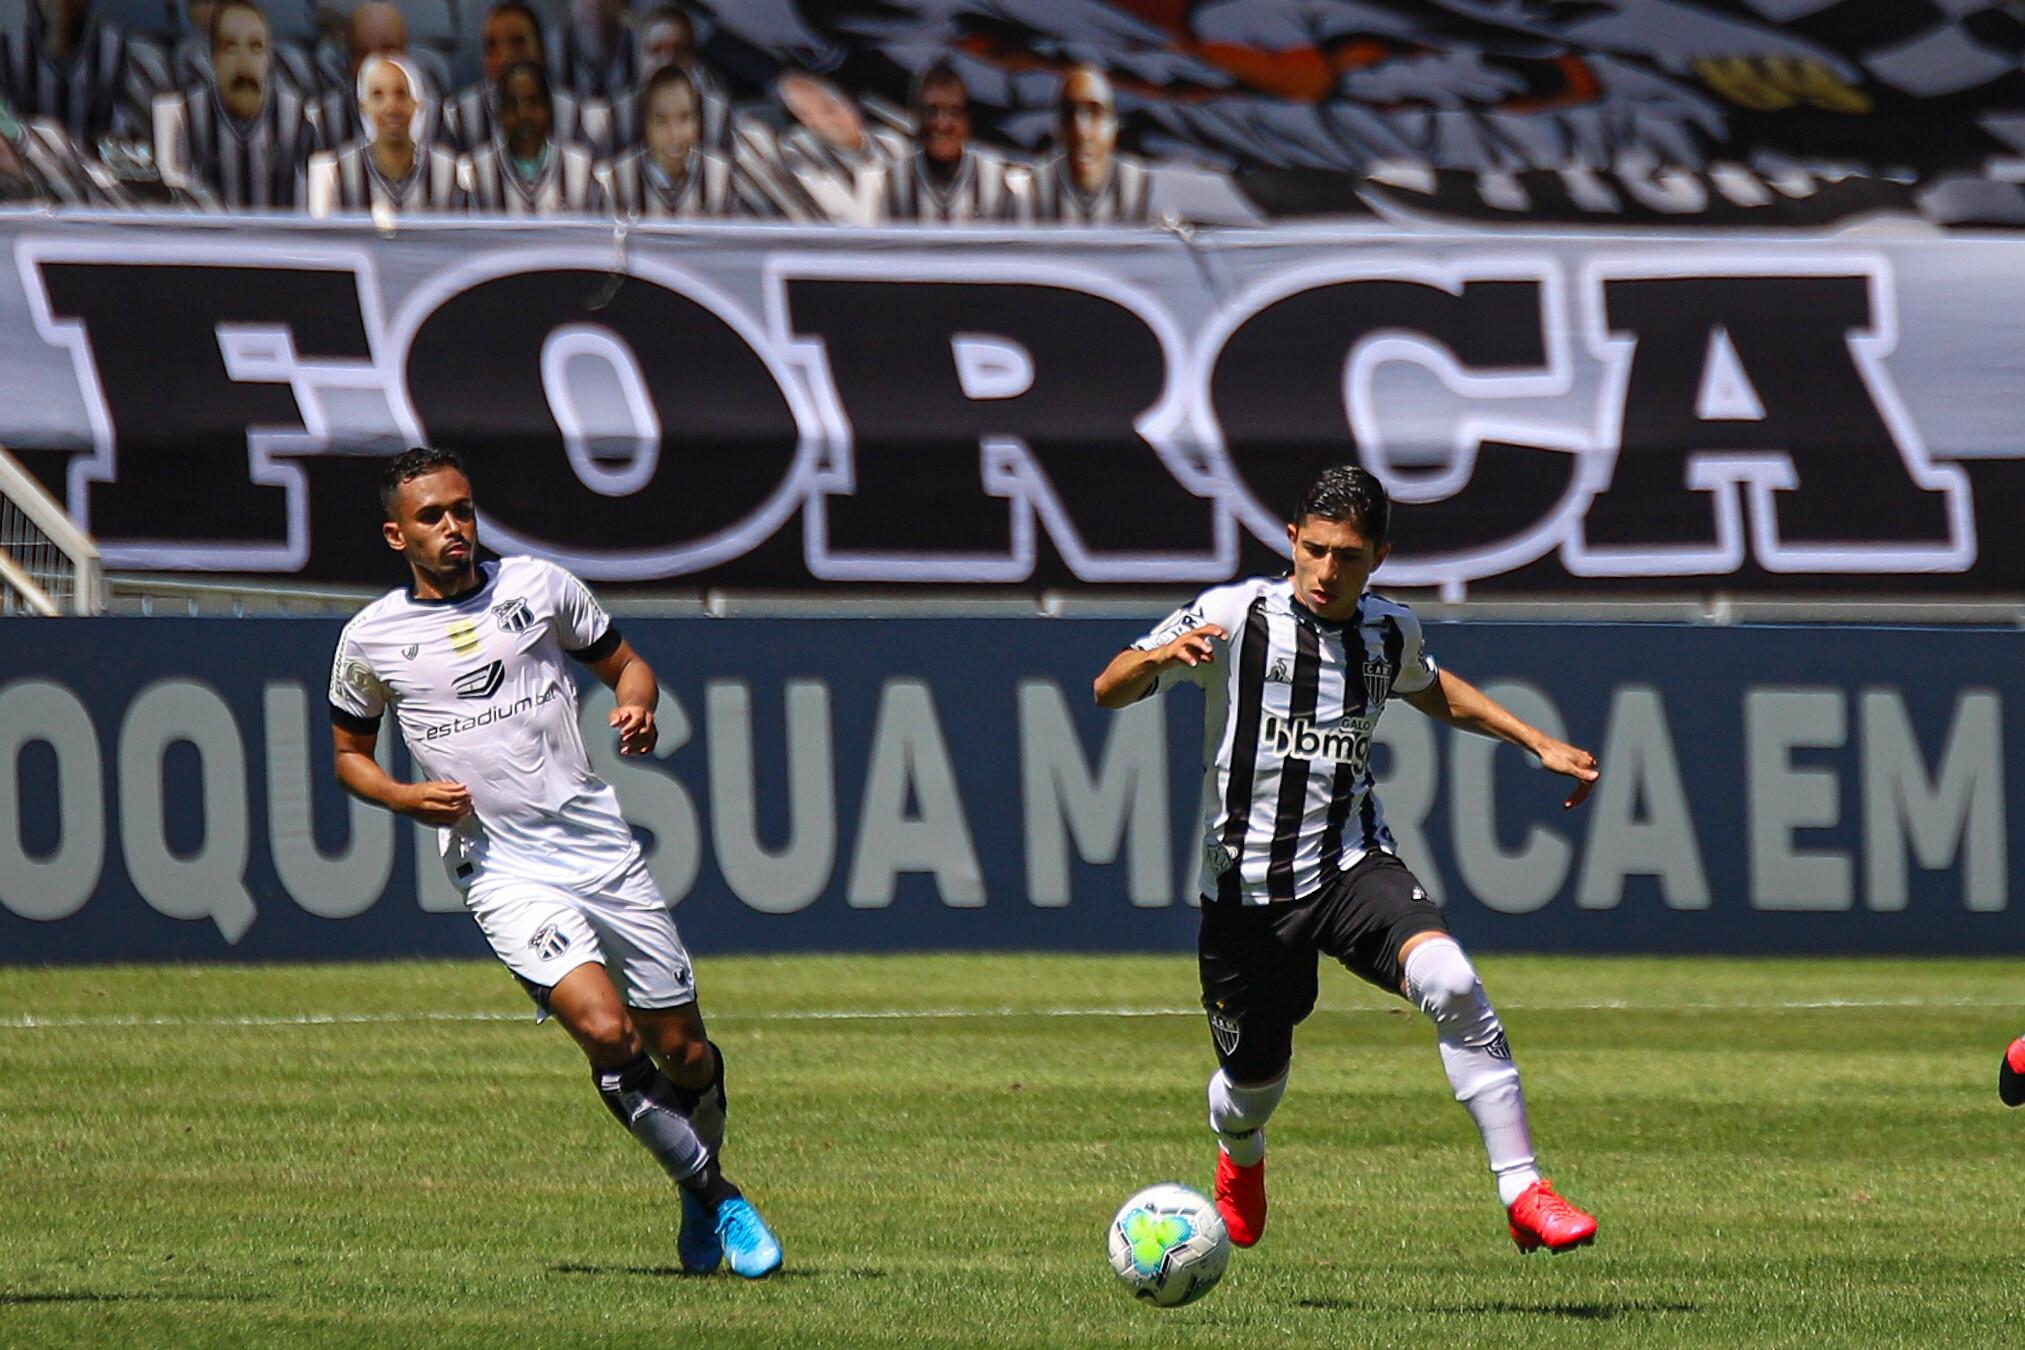 Tabu! Atlético não perde para o Ceará em casa desde 2010